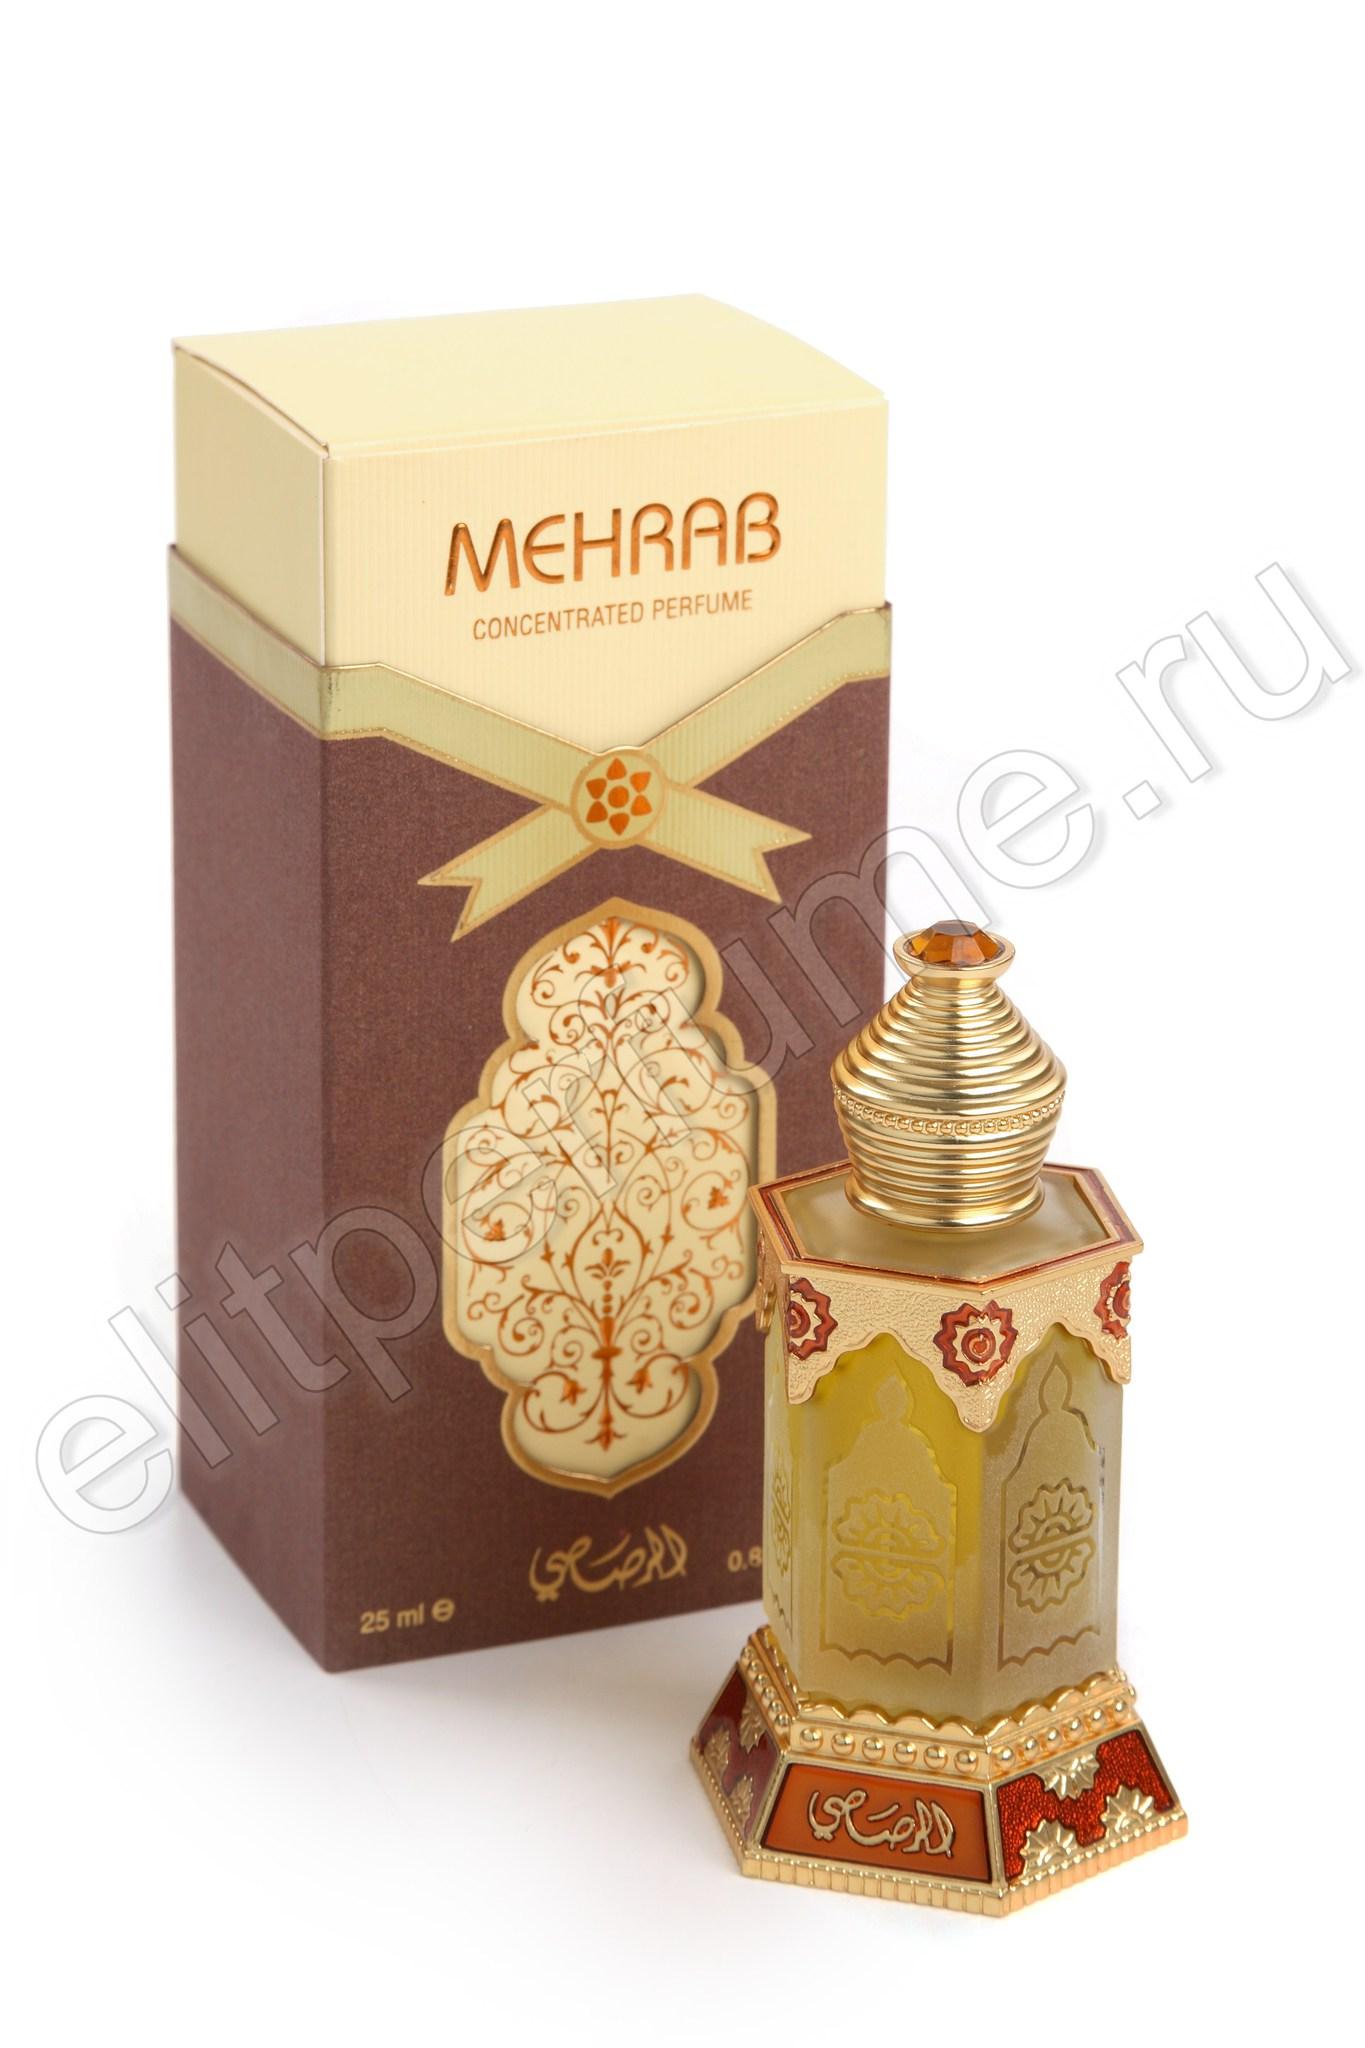 Пробники для арабских духов Мехраб Mehrab 1 мл арабские масляные духи от Расаси Rasasi Perfumes